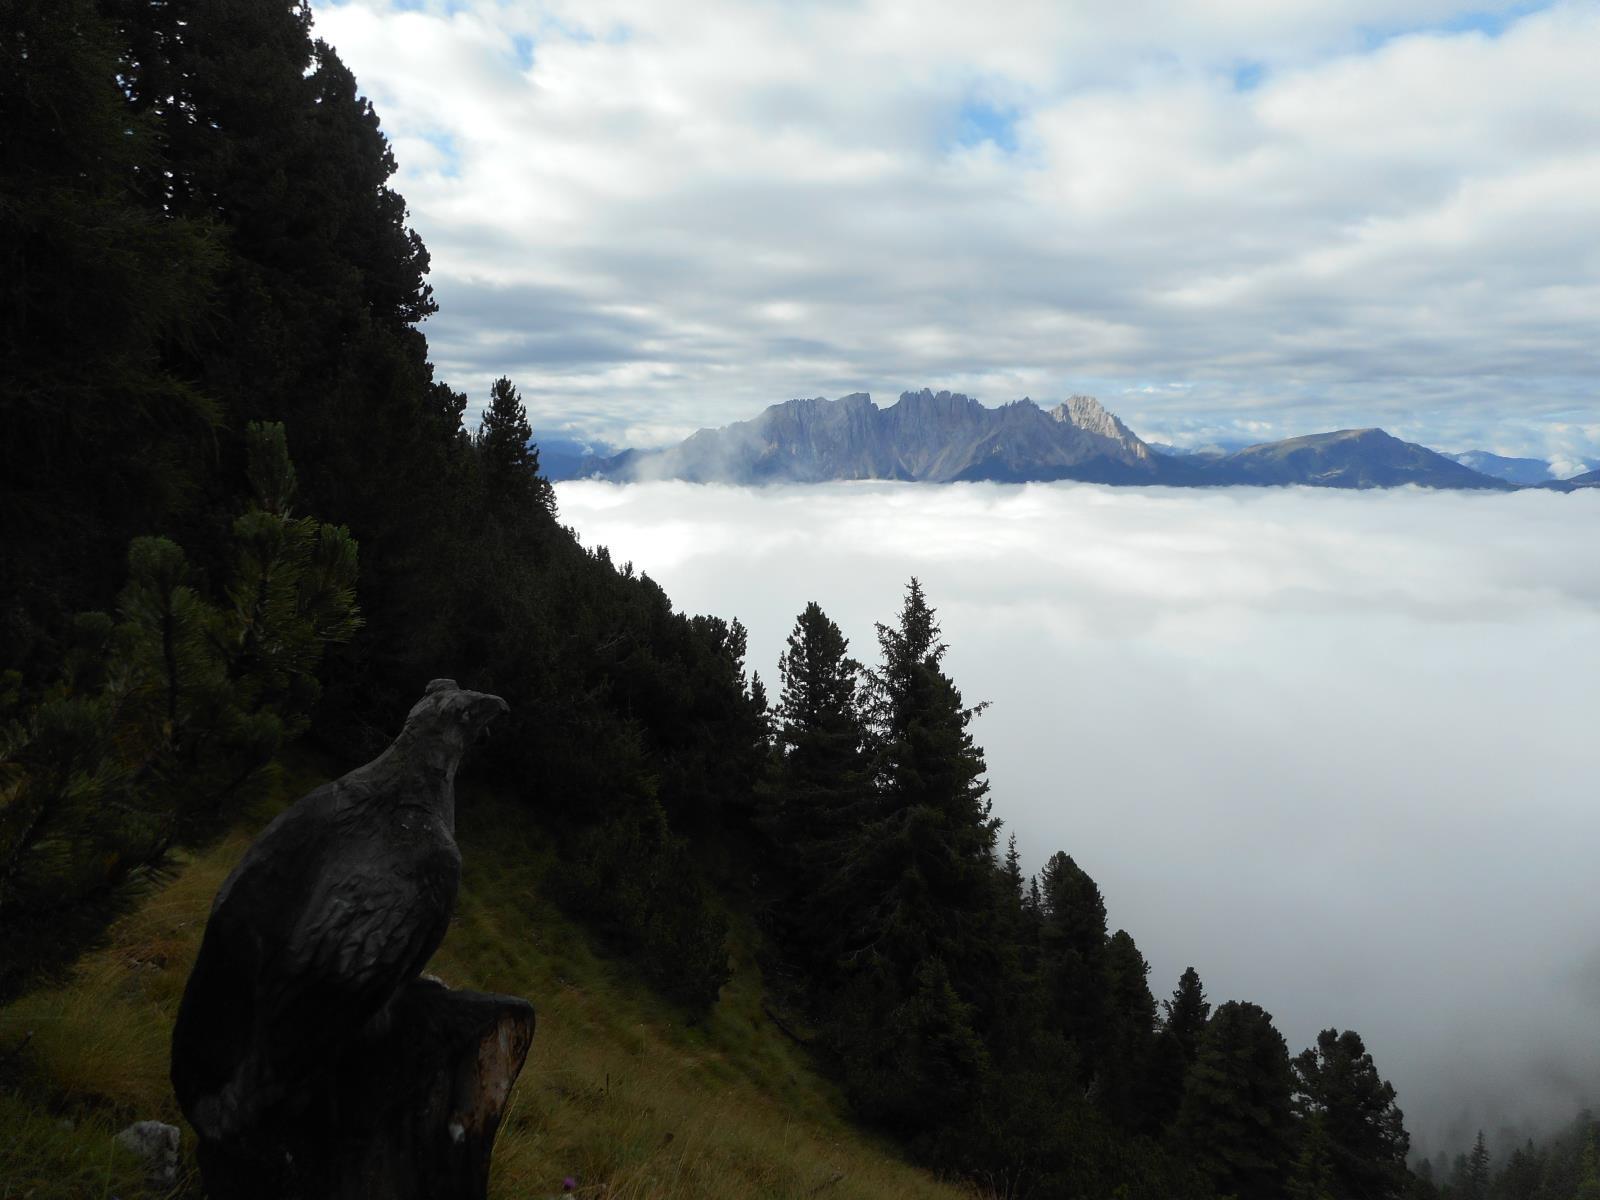 Au dessus du brouillard, gruppo dolomiti du Sciliar et du Catinaccio